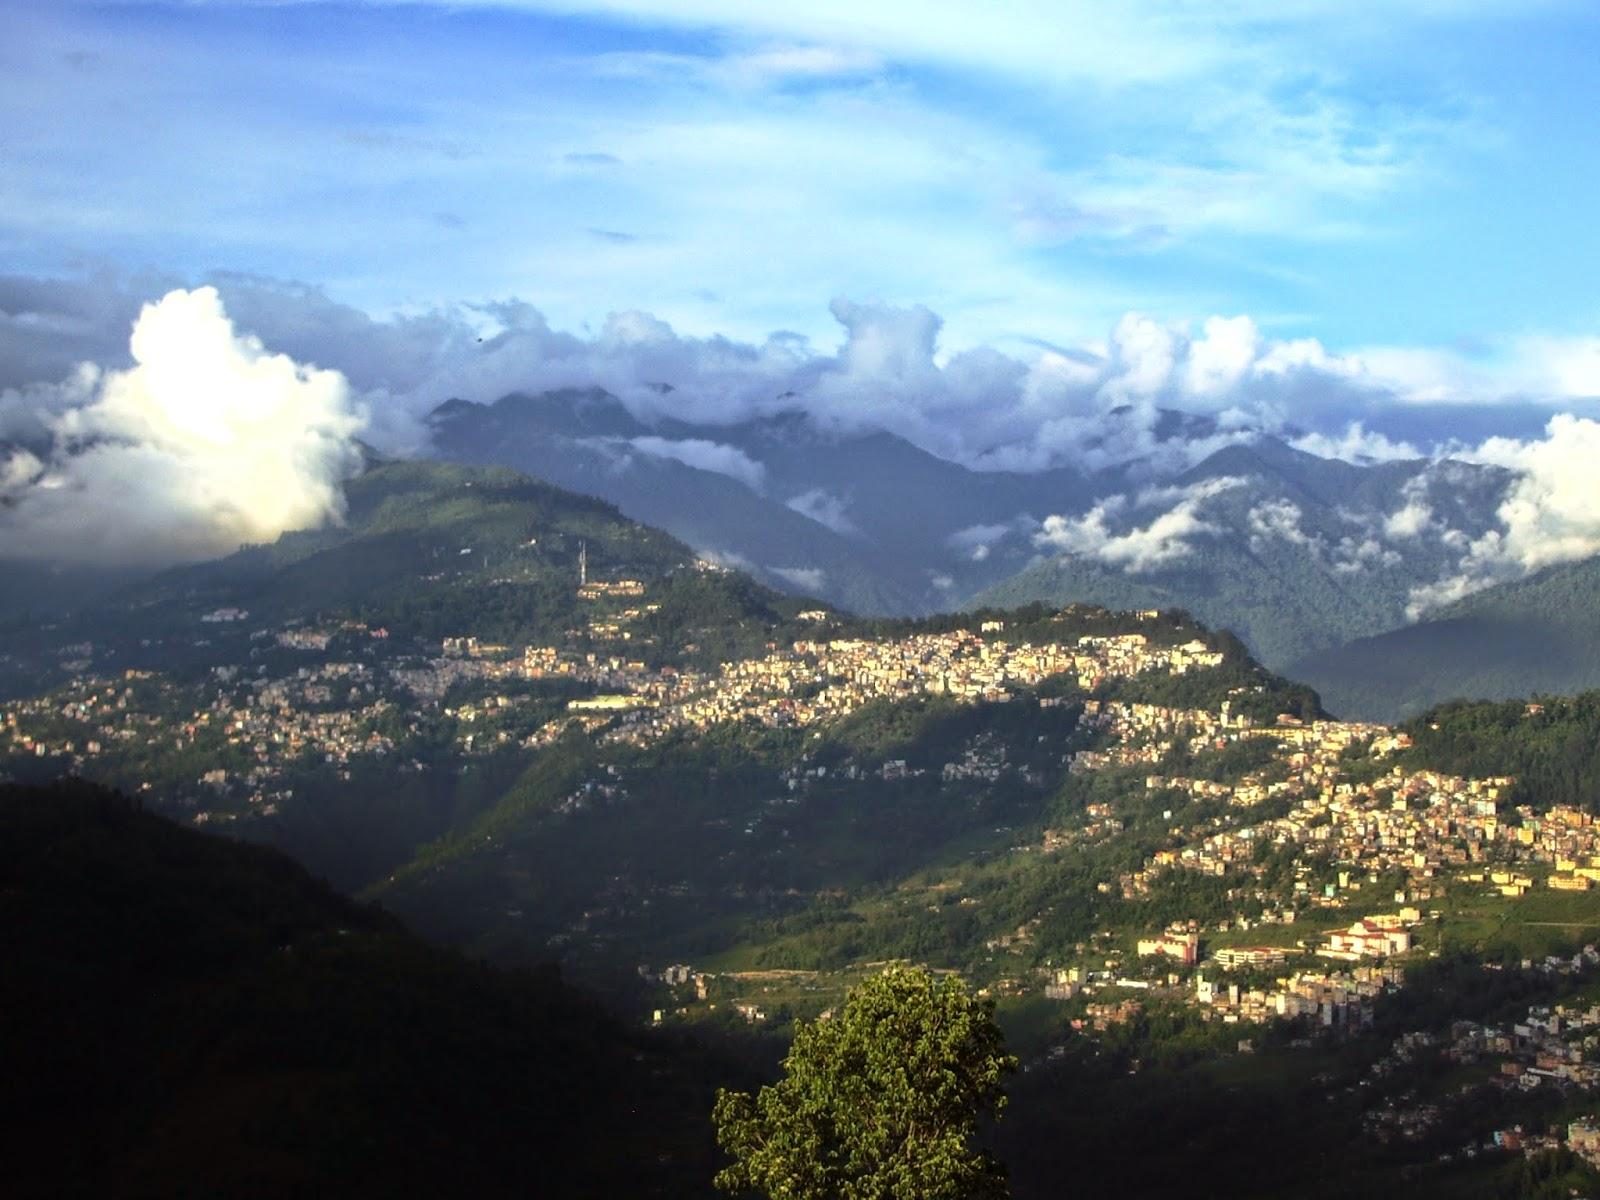 4) vista panoramica di Gangtok, capitale del Sikkim, dal centro di ritiro